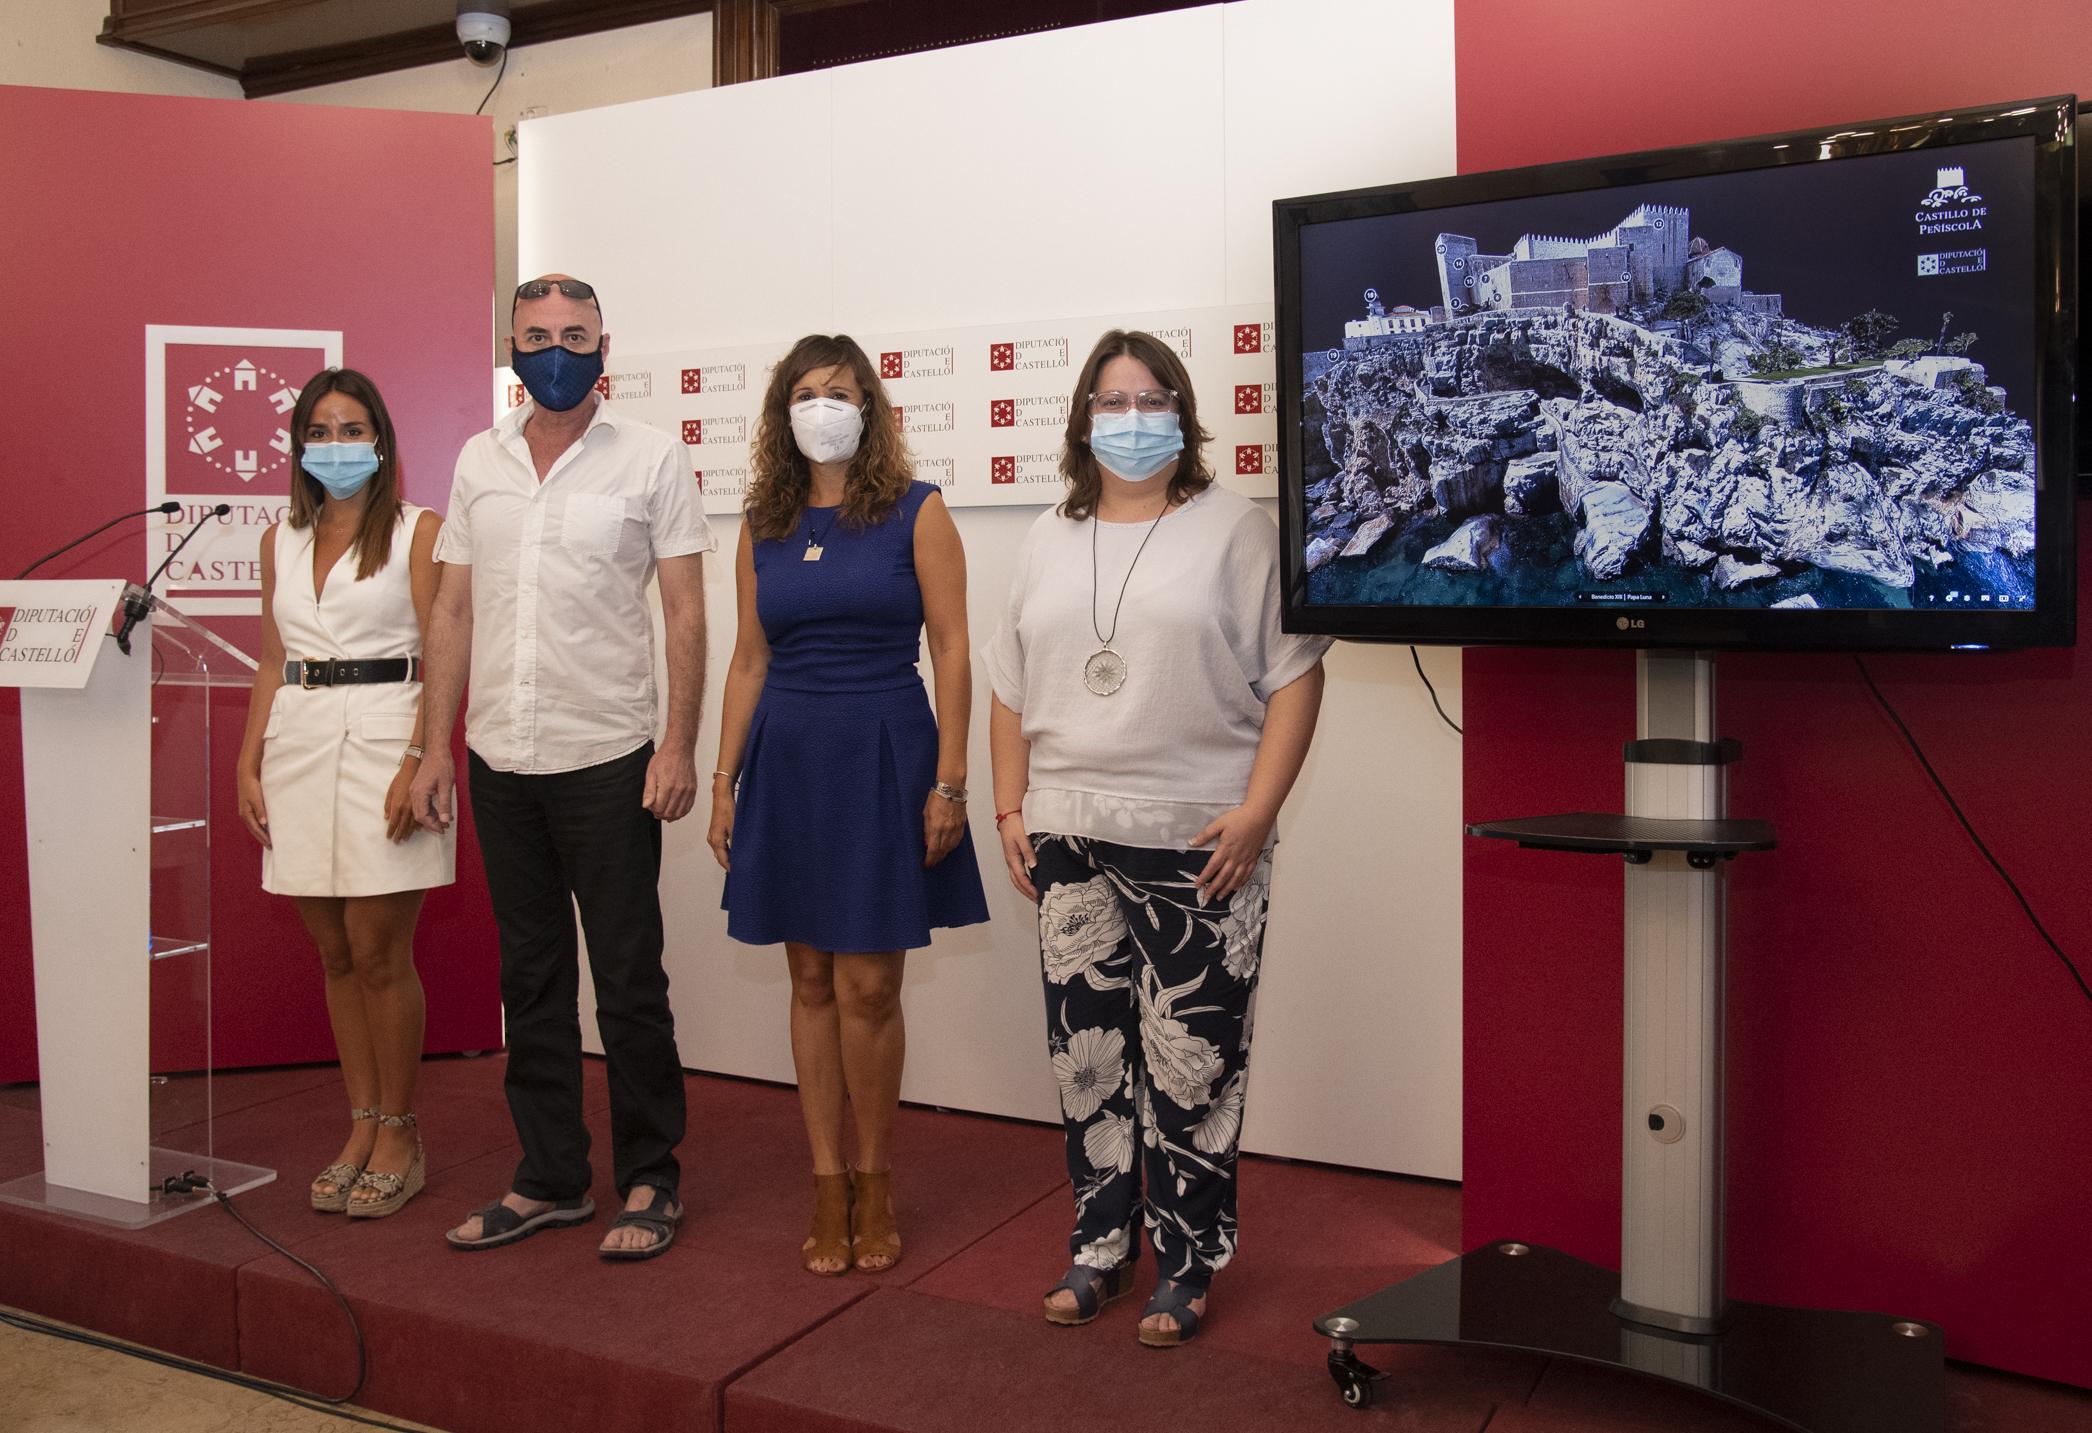 Sanz destaca la apuesta por la cultura segura que realiza la Diputación durante el verano de la Covid